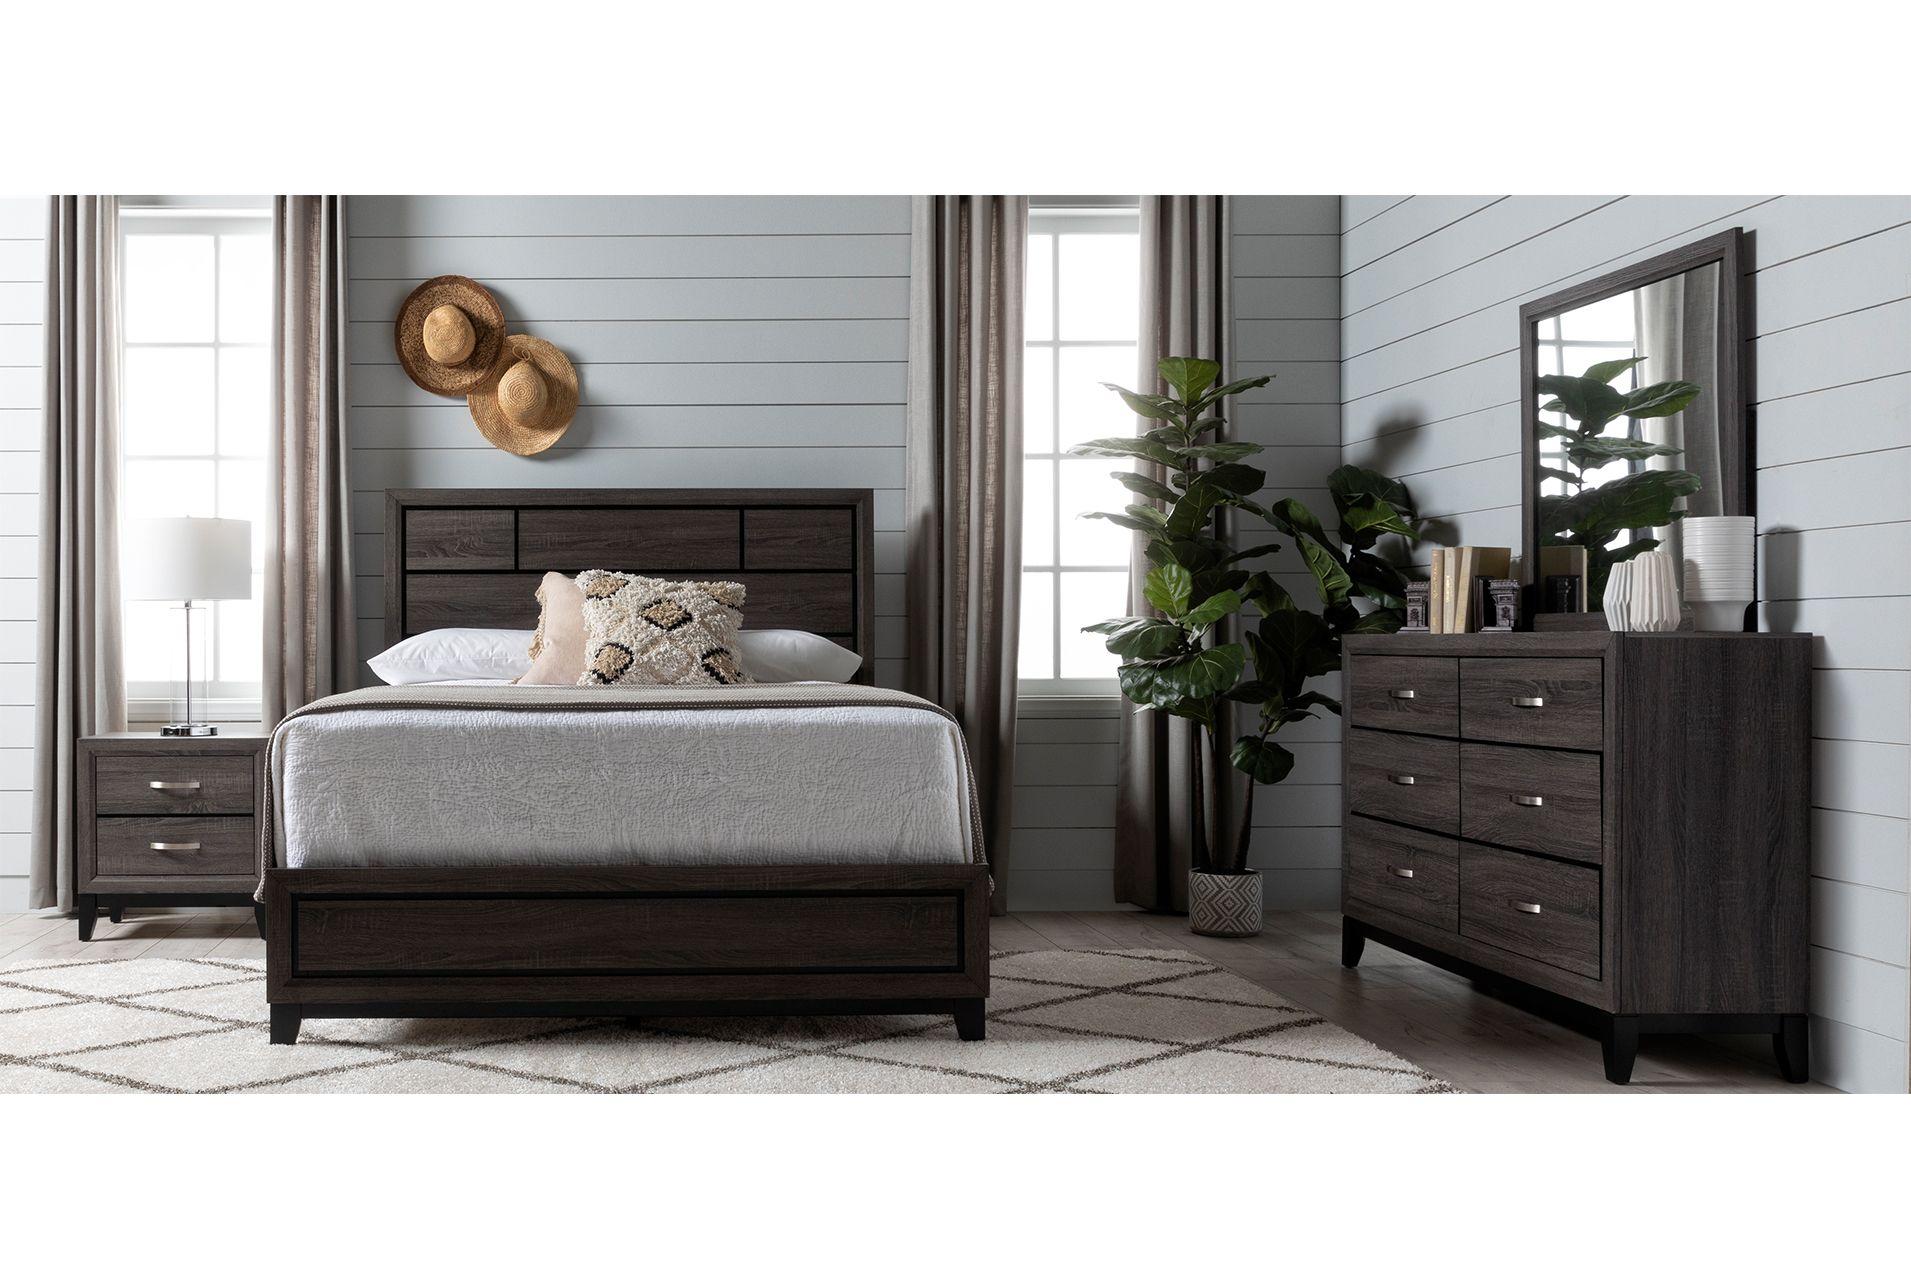 Best California King 4 Piece Bedroom Set Finley Grey 575 640 x 480